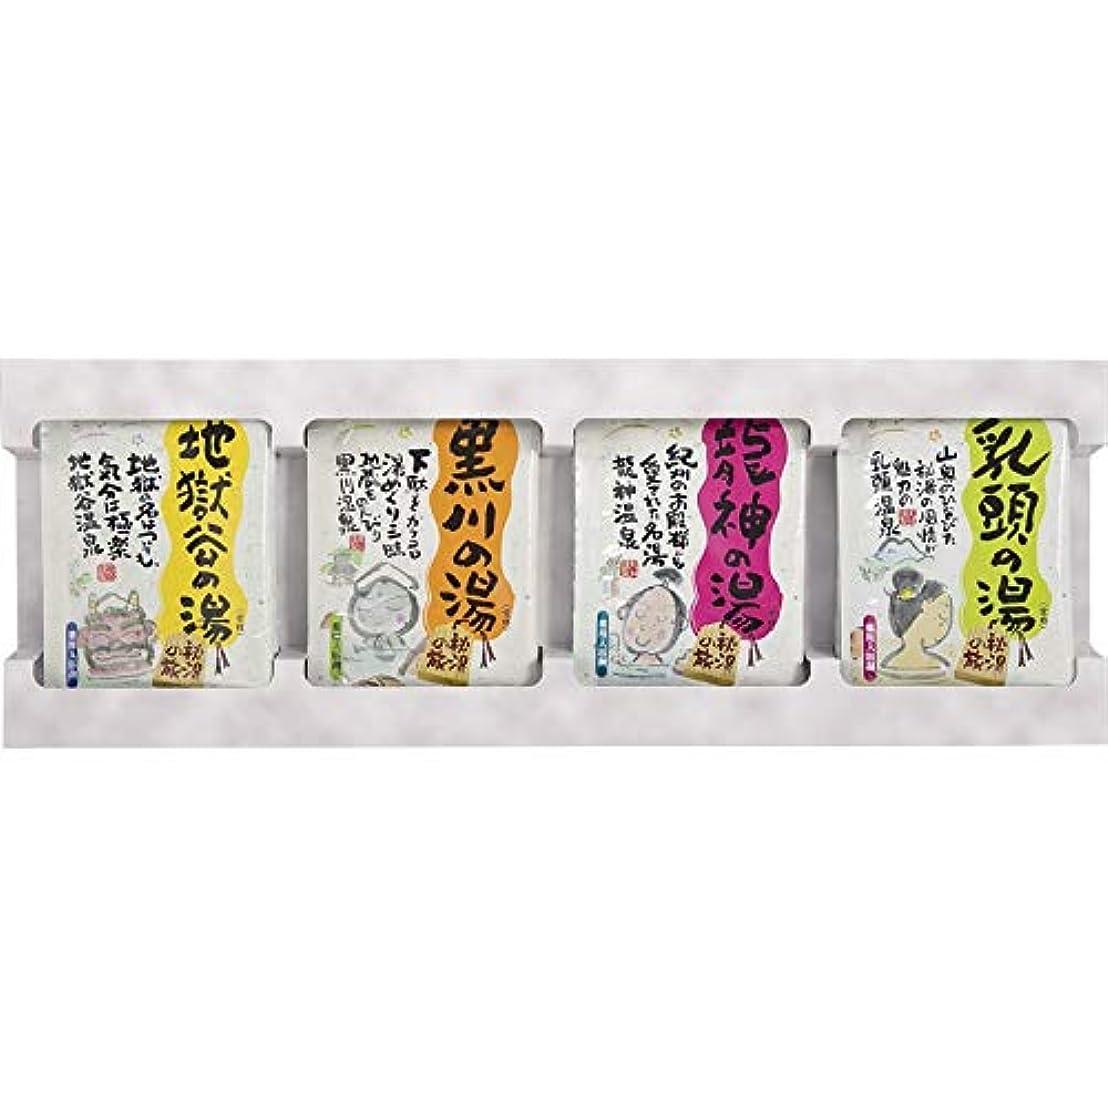 軌道イタリックコック薬用入浴剤秘湯の旅10P PH-10P 【やくようにゅうよくざい ひとうのたび 日本製 国産 せっと セット 10包 】